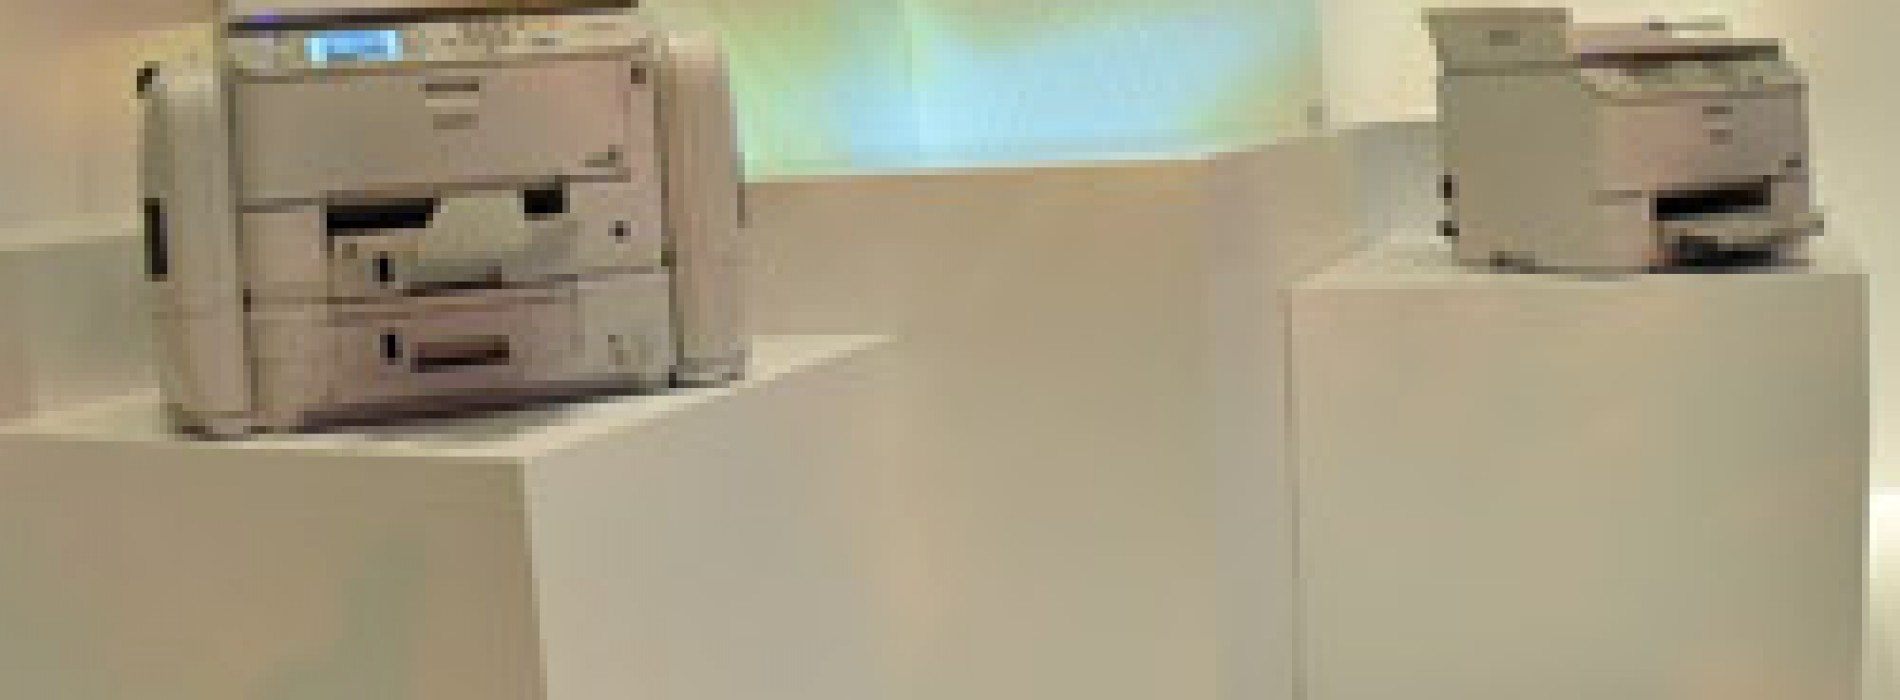 Precision Core revoluciona la impresión de inyección de tinta